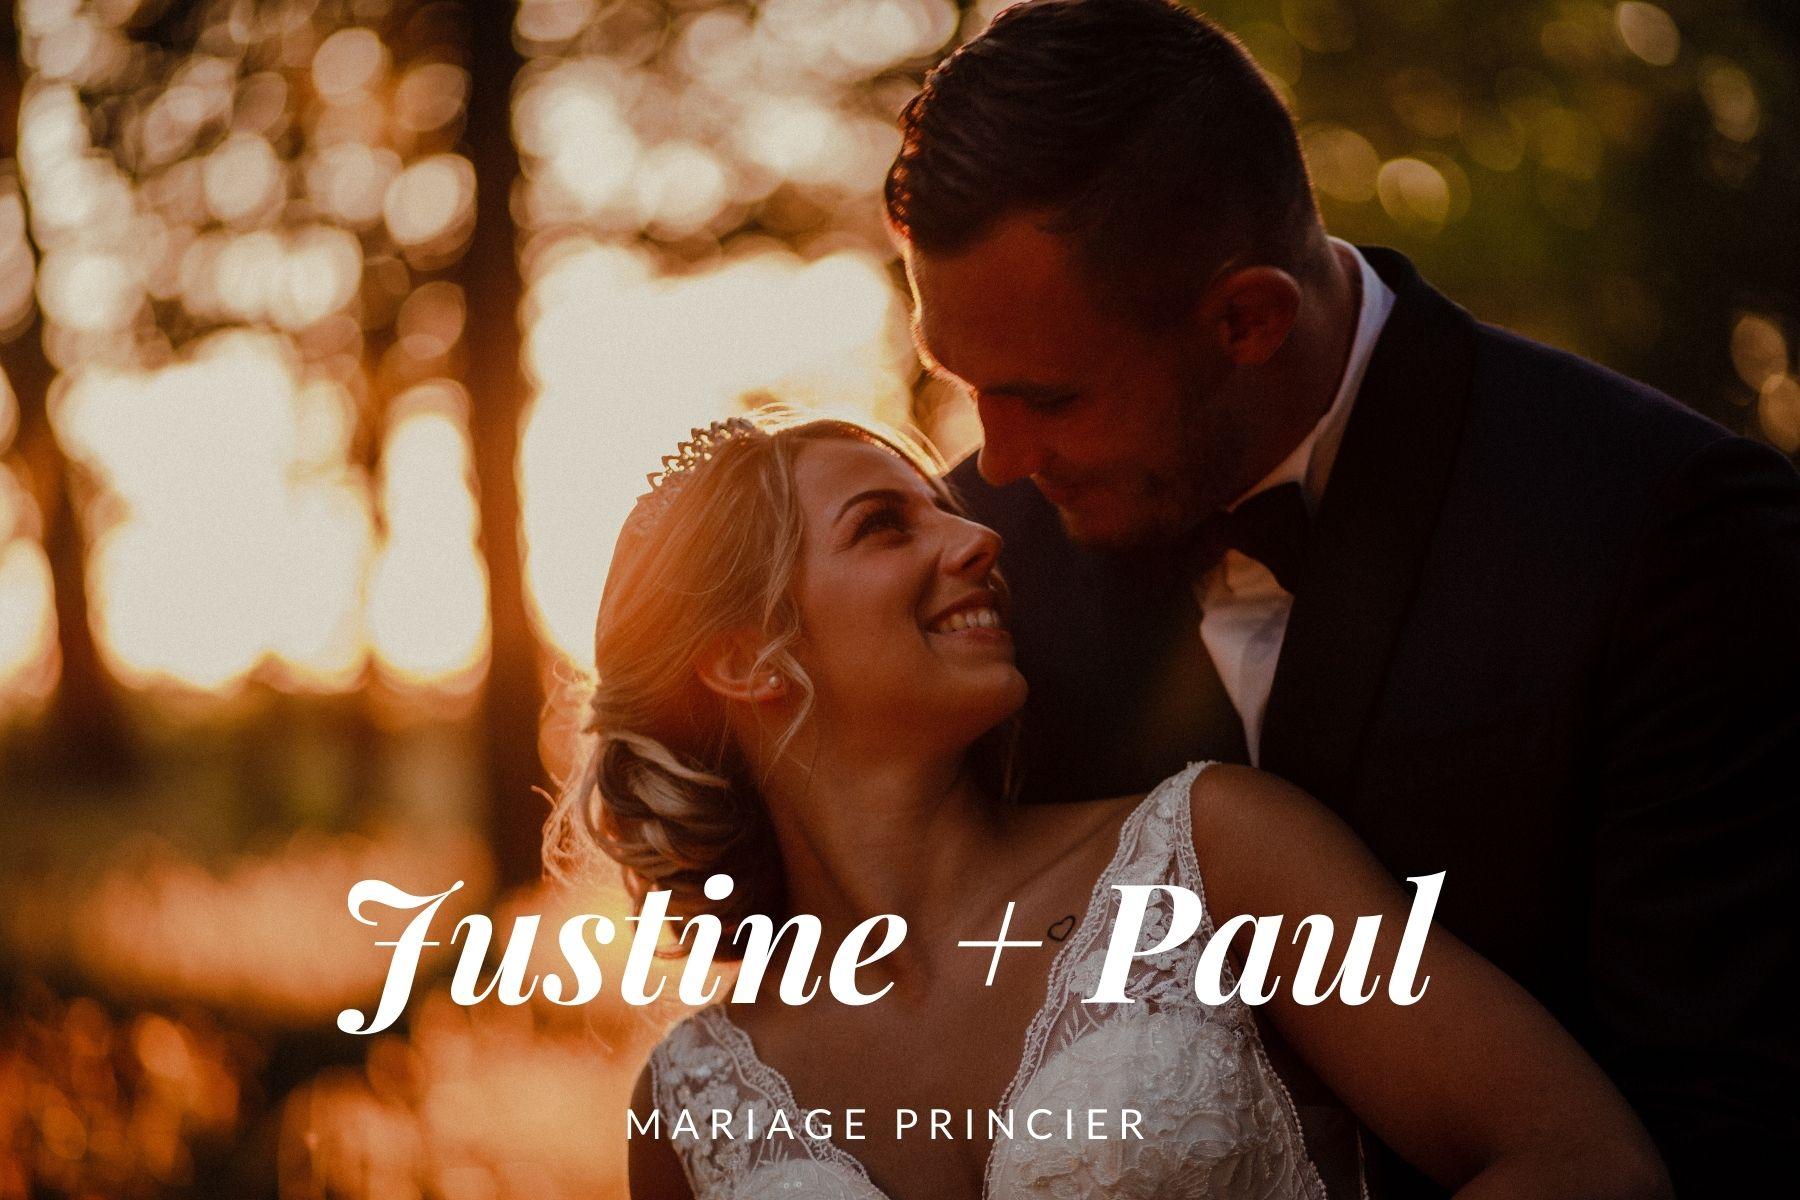 Organisation de mariage princier Justine & Paul Jedrasiak - Hera Mariage Wedding Planner - Auvergne - Puy de Dôme - Clermont-Ferrand - Allier - Haute-Loire - Cantal